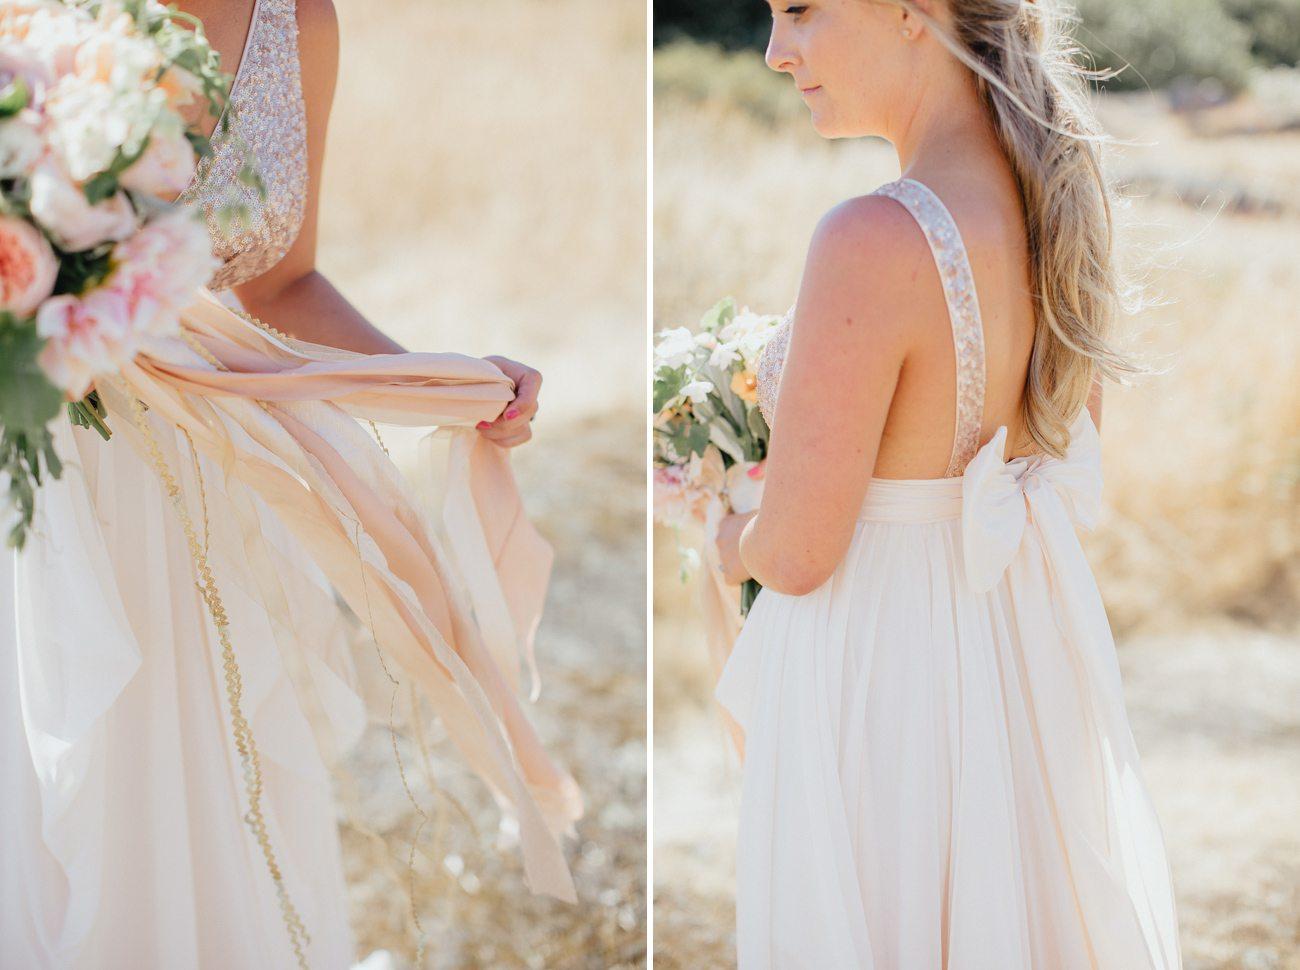 401-victoria-wedding-photographer